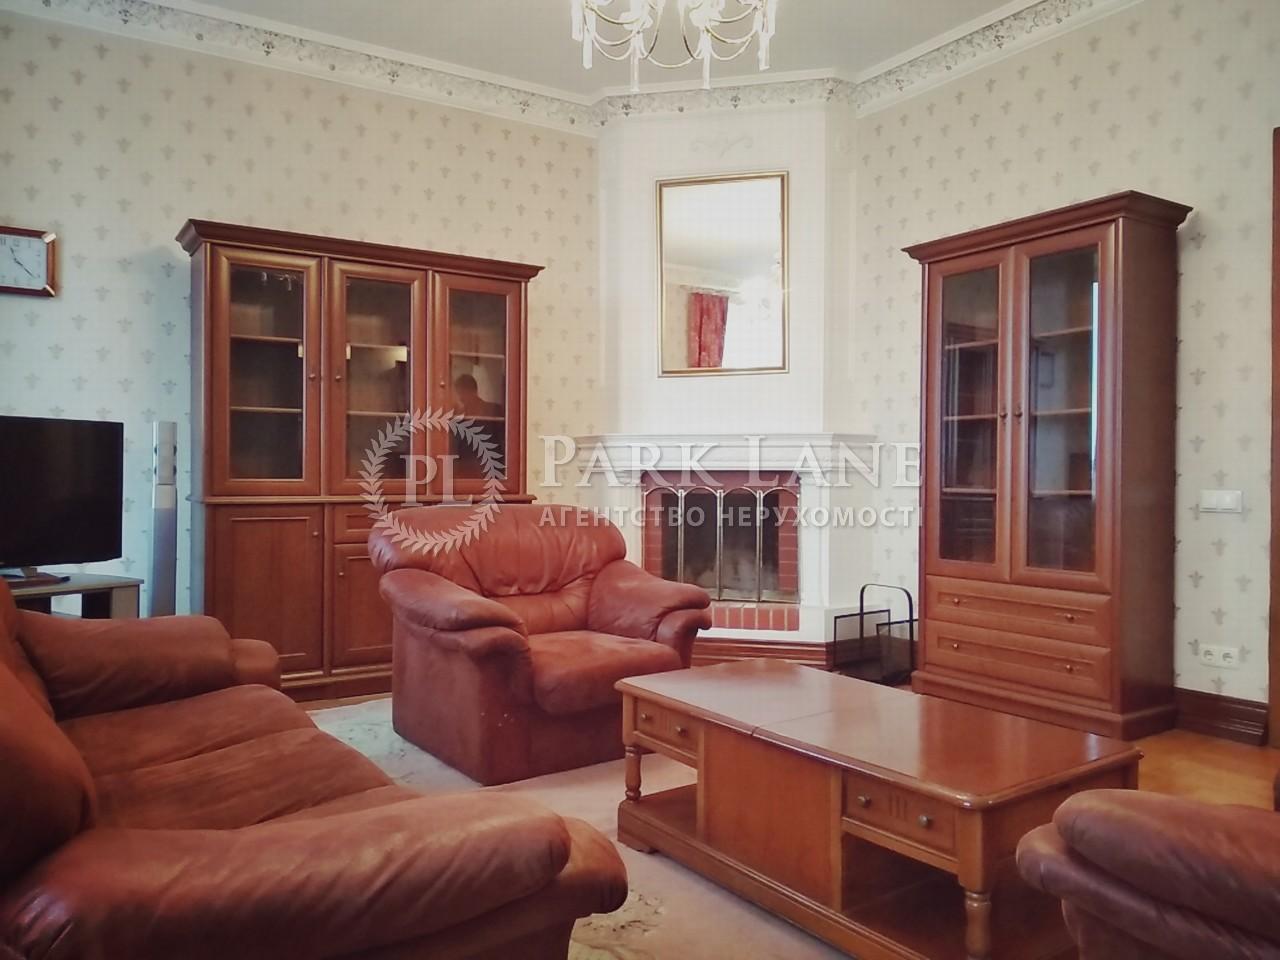 Квартира вул. Лисенка, 4, Київ, I-18605 - Фото 3